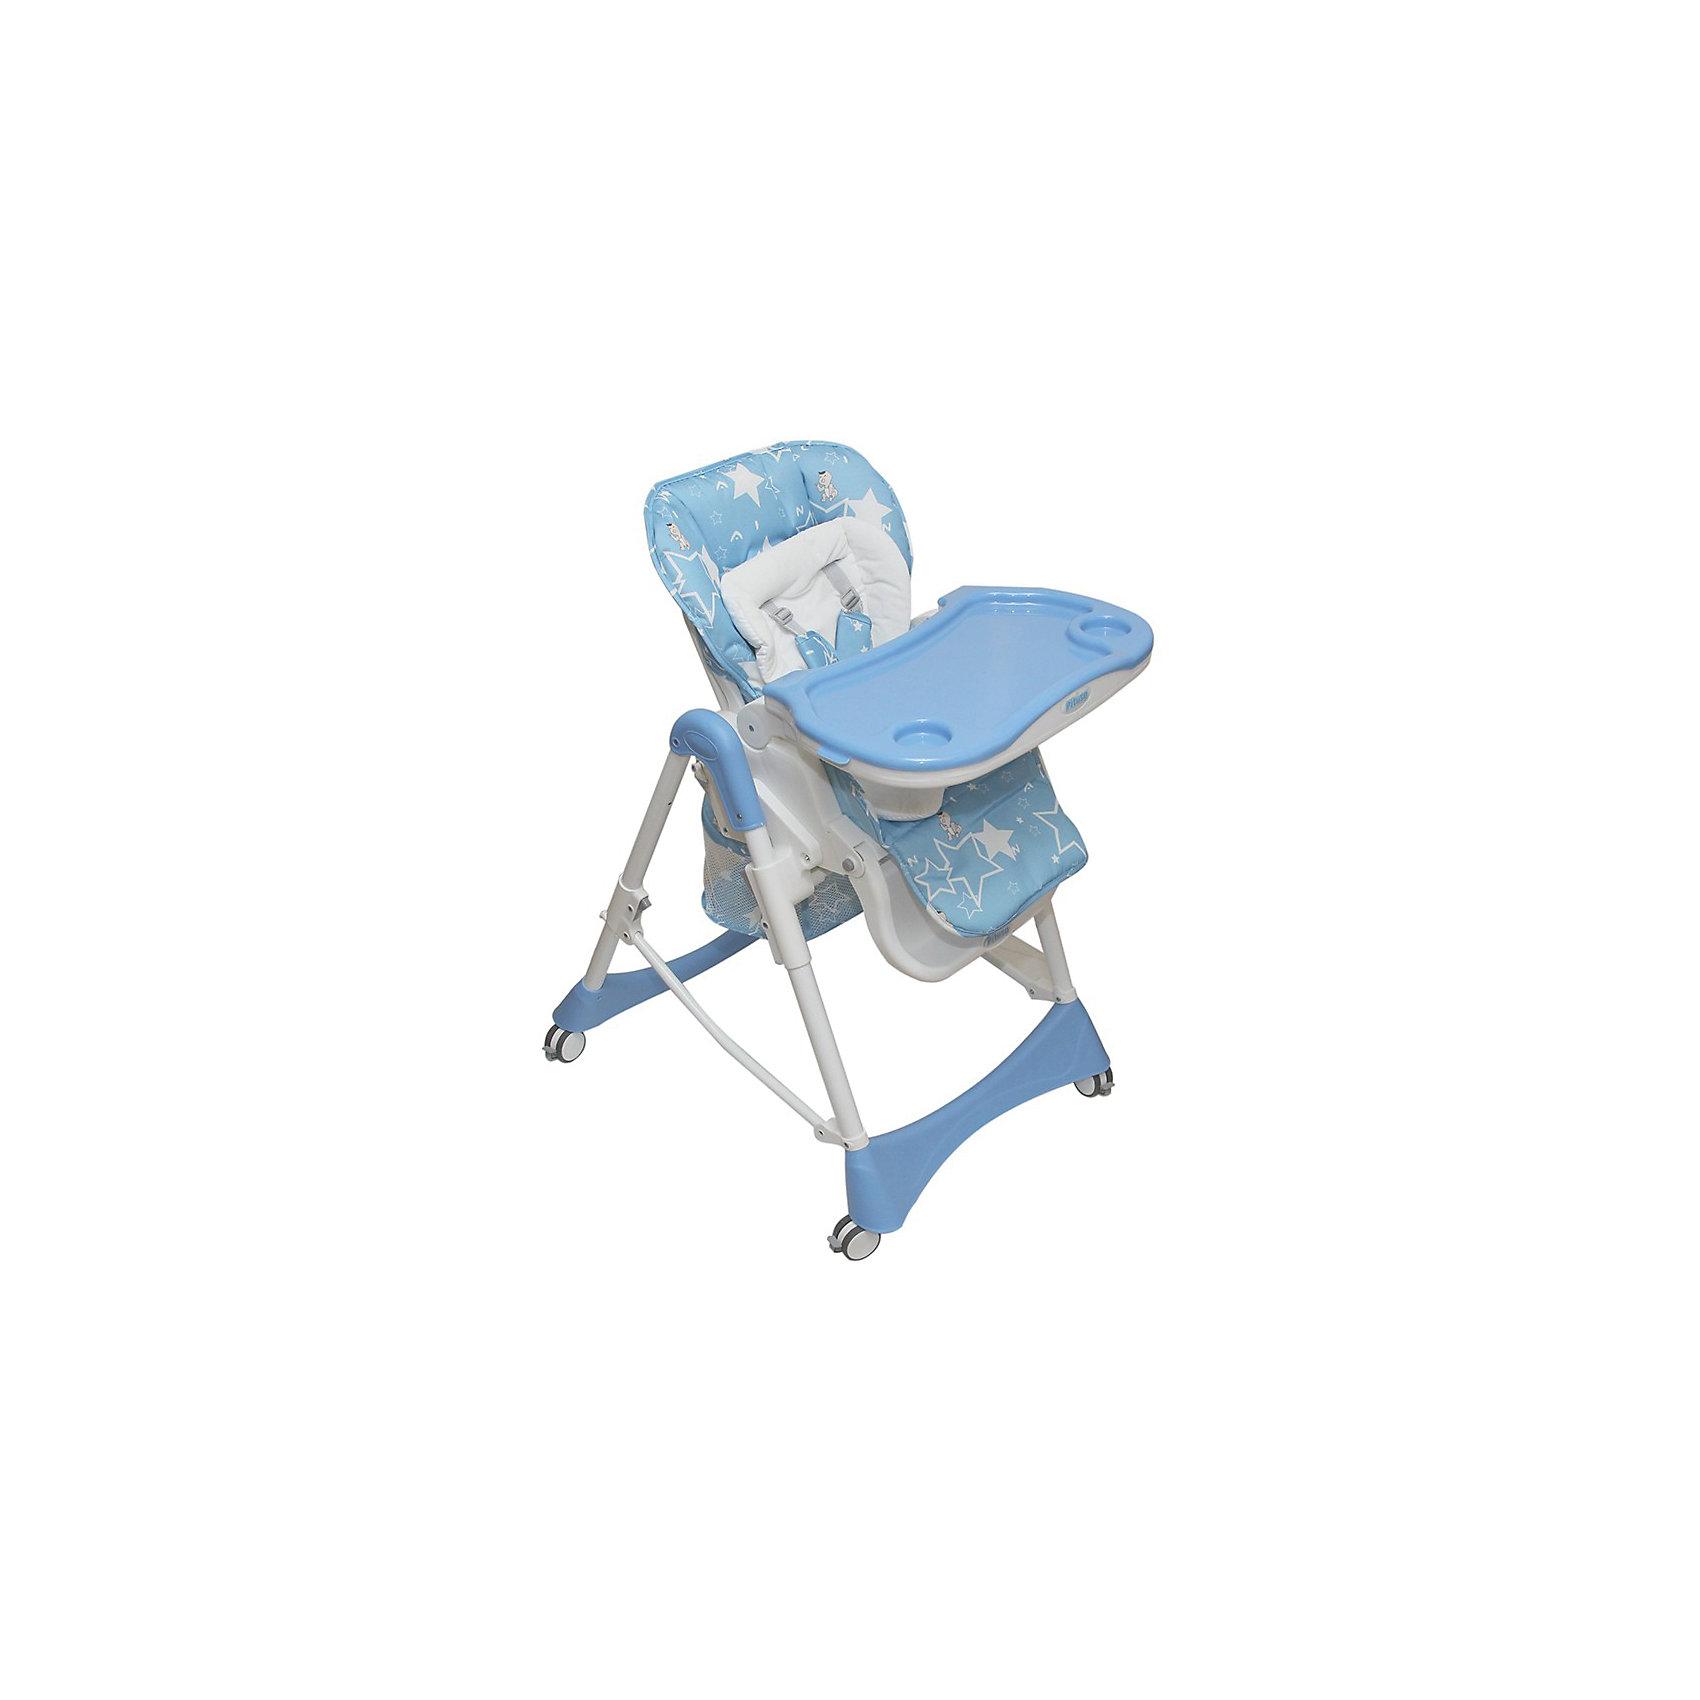 Стульчик для кормления Nana, Pituso, голубойот +6 месяцев<br>Красивый удобный стульчик для кормления Nana позволит посадить ребенка, не беспокоясь при этом о его безопасности. Яркий цвет изделия привлечет внимание малыша. Эта модель очень удобна: есть тканевый чехол с водонепроницаемой пропиткой и мягкий съемный велюровый вкладыш, пятиточечный ремень безопасности. Спинка и уровень высоты сиденья регулируются. Есть корзина для игрушек и подстаканник.<br>Обивка столика устойчива к загрязнениям и легко чистится! Конструкция  - очень устойчивая. Изделие произведено из качественных и безопасных для малышей материалов, оно соответствуют всем современным требованиям безопасности.<br> <br>Дополнительная информация:<br><br>цвет: голубой;<br>съемный тканевый чехол с водонепроницаемой пропиткой;<br>мягкий съемный велюровый вкладыш;<br>5-ти точечные ремни безопасности;<br>5 уровней высоты сиденья;<br>3 уровня положения спинки, положение лежа ;<br>регулируемая в трех положениях подножка;<br>Четыре колеса облегчают маневрирование<br>тормоз на всех колесах обеспечивает устойчивое положение;<br>съемная регулируемая в трех положениях столешница и съемным подносом;<br>регулировка положения подноса одной рукой;<br>съемный подстаканник;<br>большая, съемная корзина для игрушек;<br>компактно складывается и удобен для хранения;<br>максимальная нагрузка: 20 кг;<br>вес: 10 кг;<br>возраст: от 6 месяцев;<br>размер в разложенном состоянии: 48х27х72,5 см.<br><br>Стульчик для кормления Nana, голубой, от компании Pituso можно купить в нашем магазине.<br><br>Ширина мм: 475<br>Глубина мм: 265<br>Высота мм: 725<br>Вес г: 10200<br>Возраст от месяцев: 6<br>Возраст до месяцев: 36<br>Пол: Унисекс<br>Возраст: Детский<br>SKU: 4720055